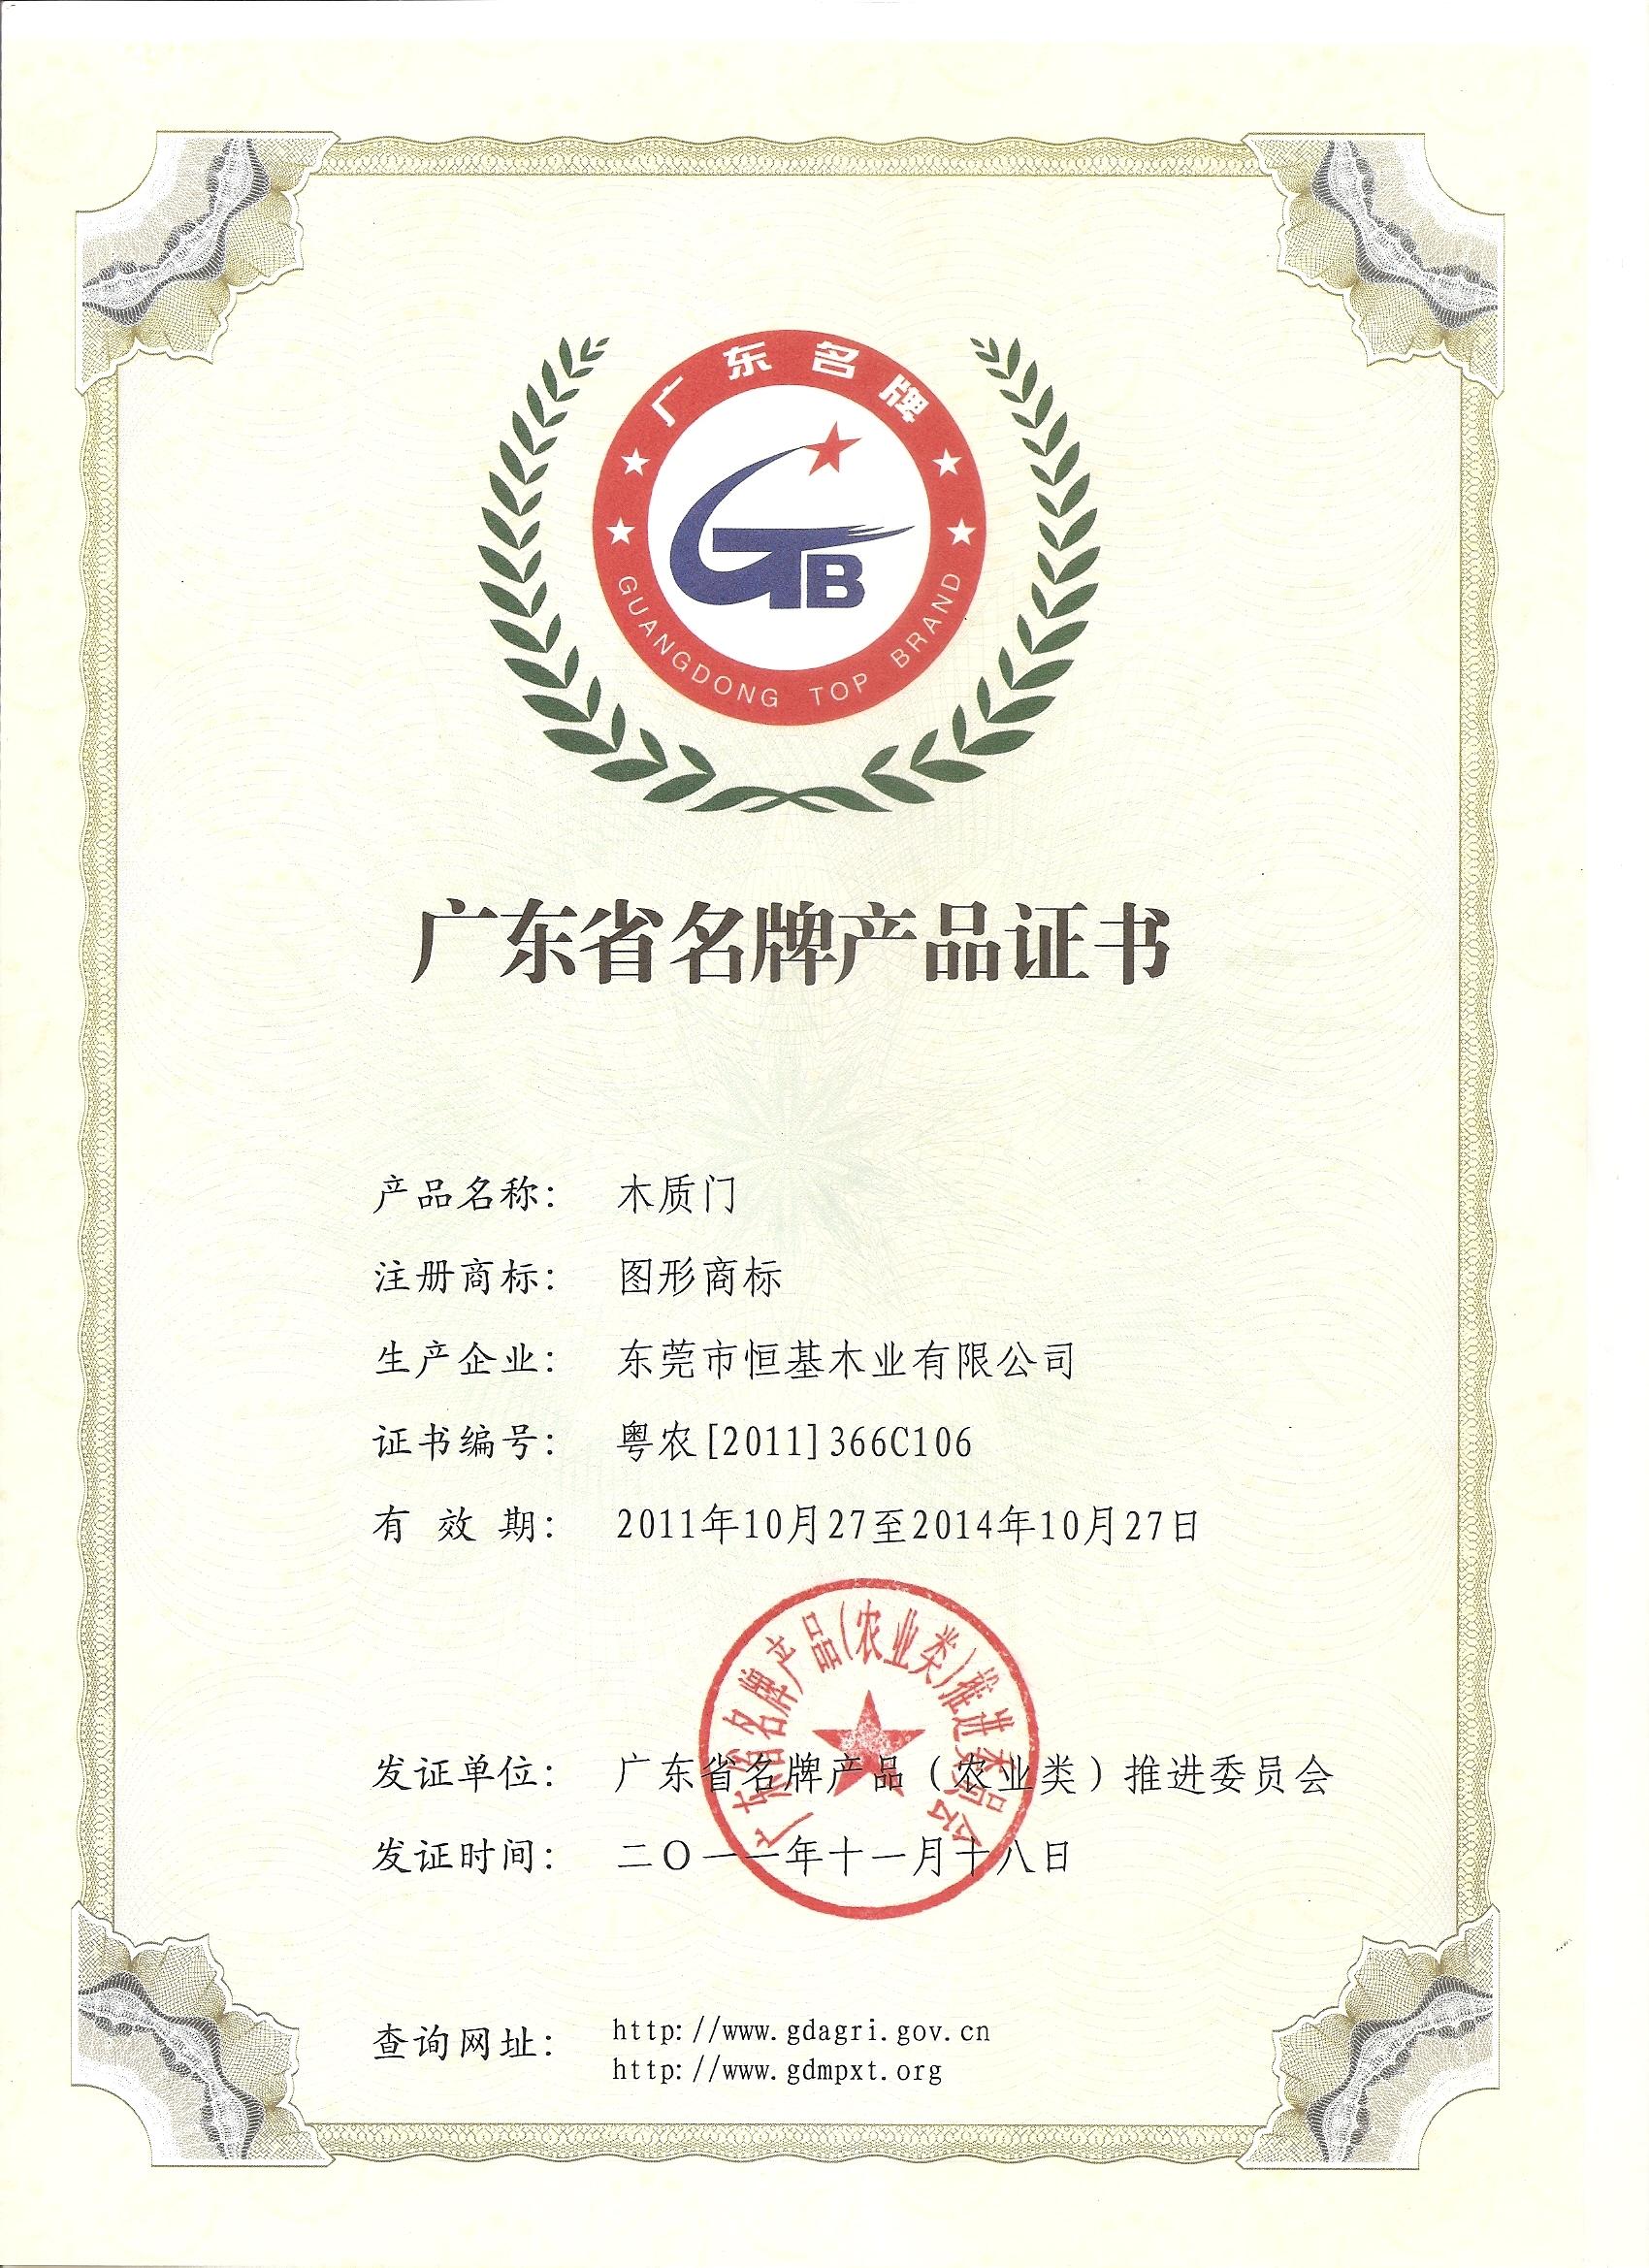 广东省名牌产品  整体家居成员单位  CTC健康环保双认证